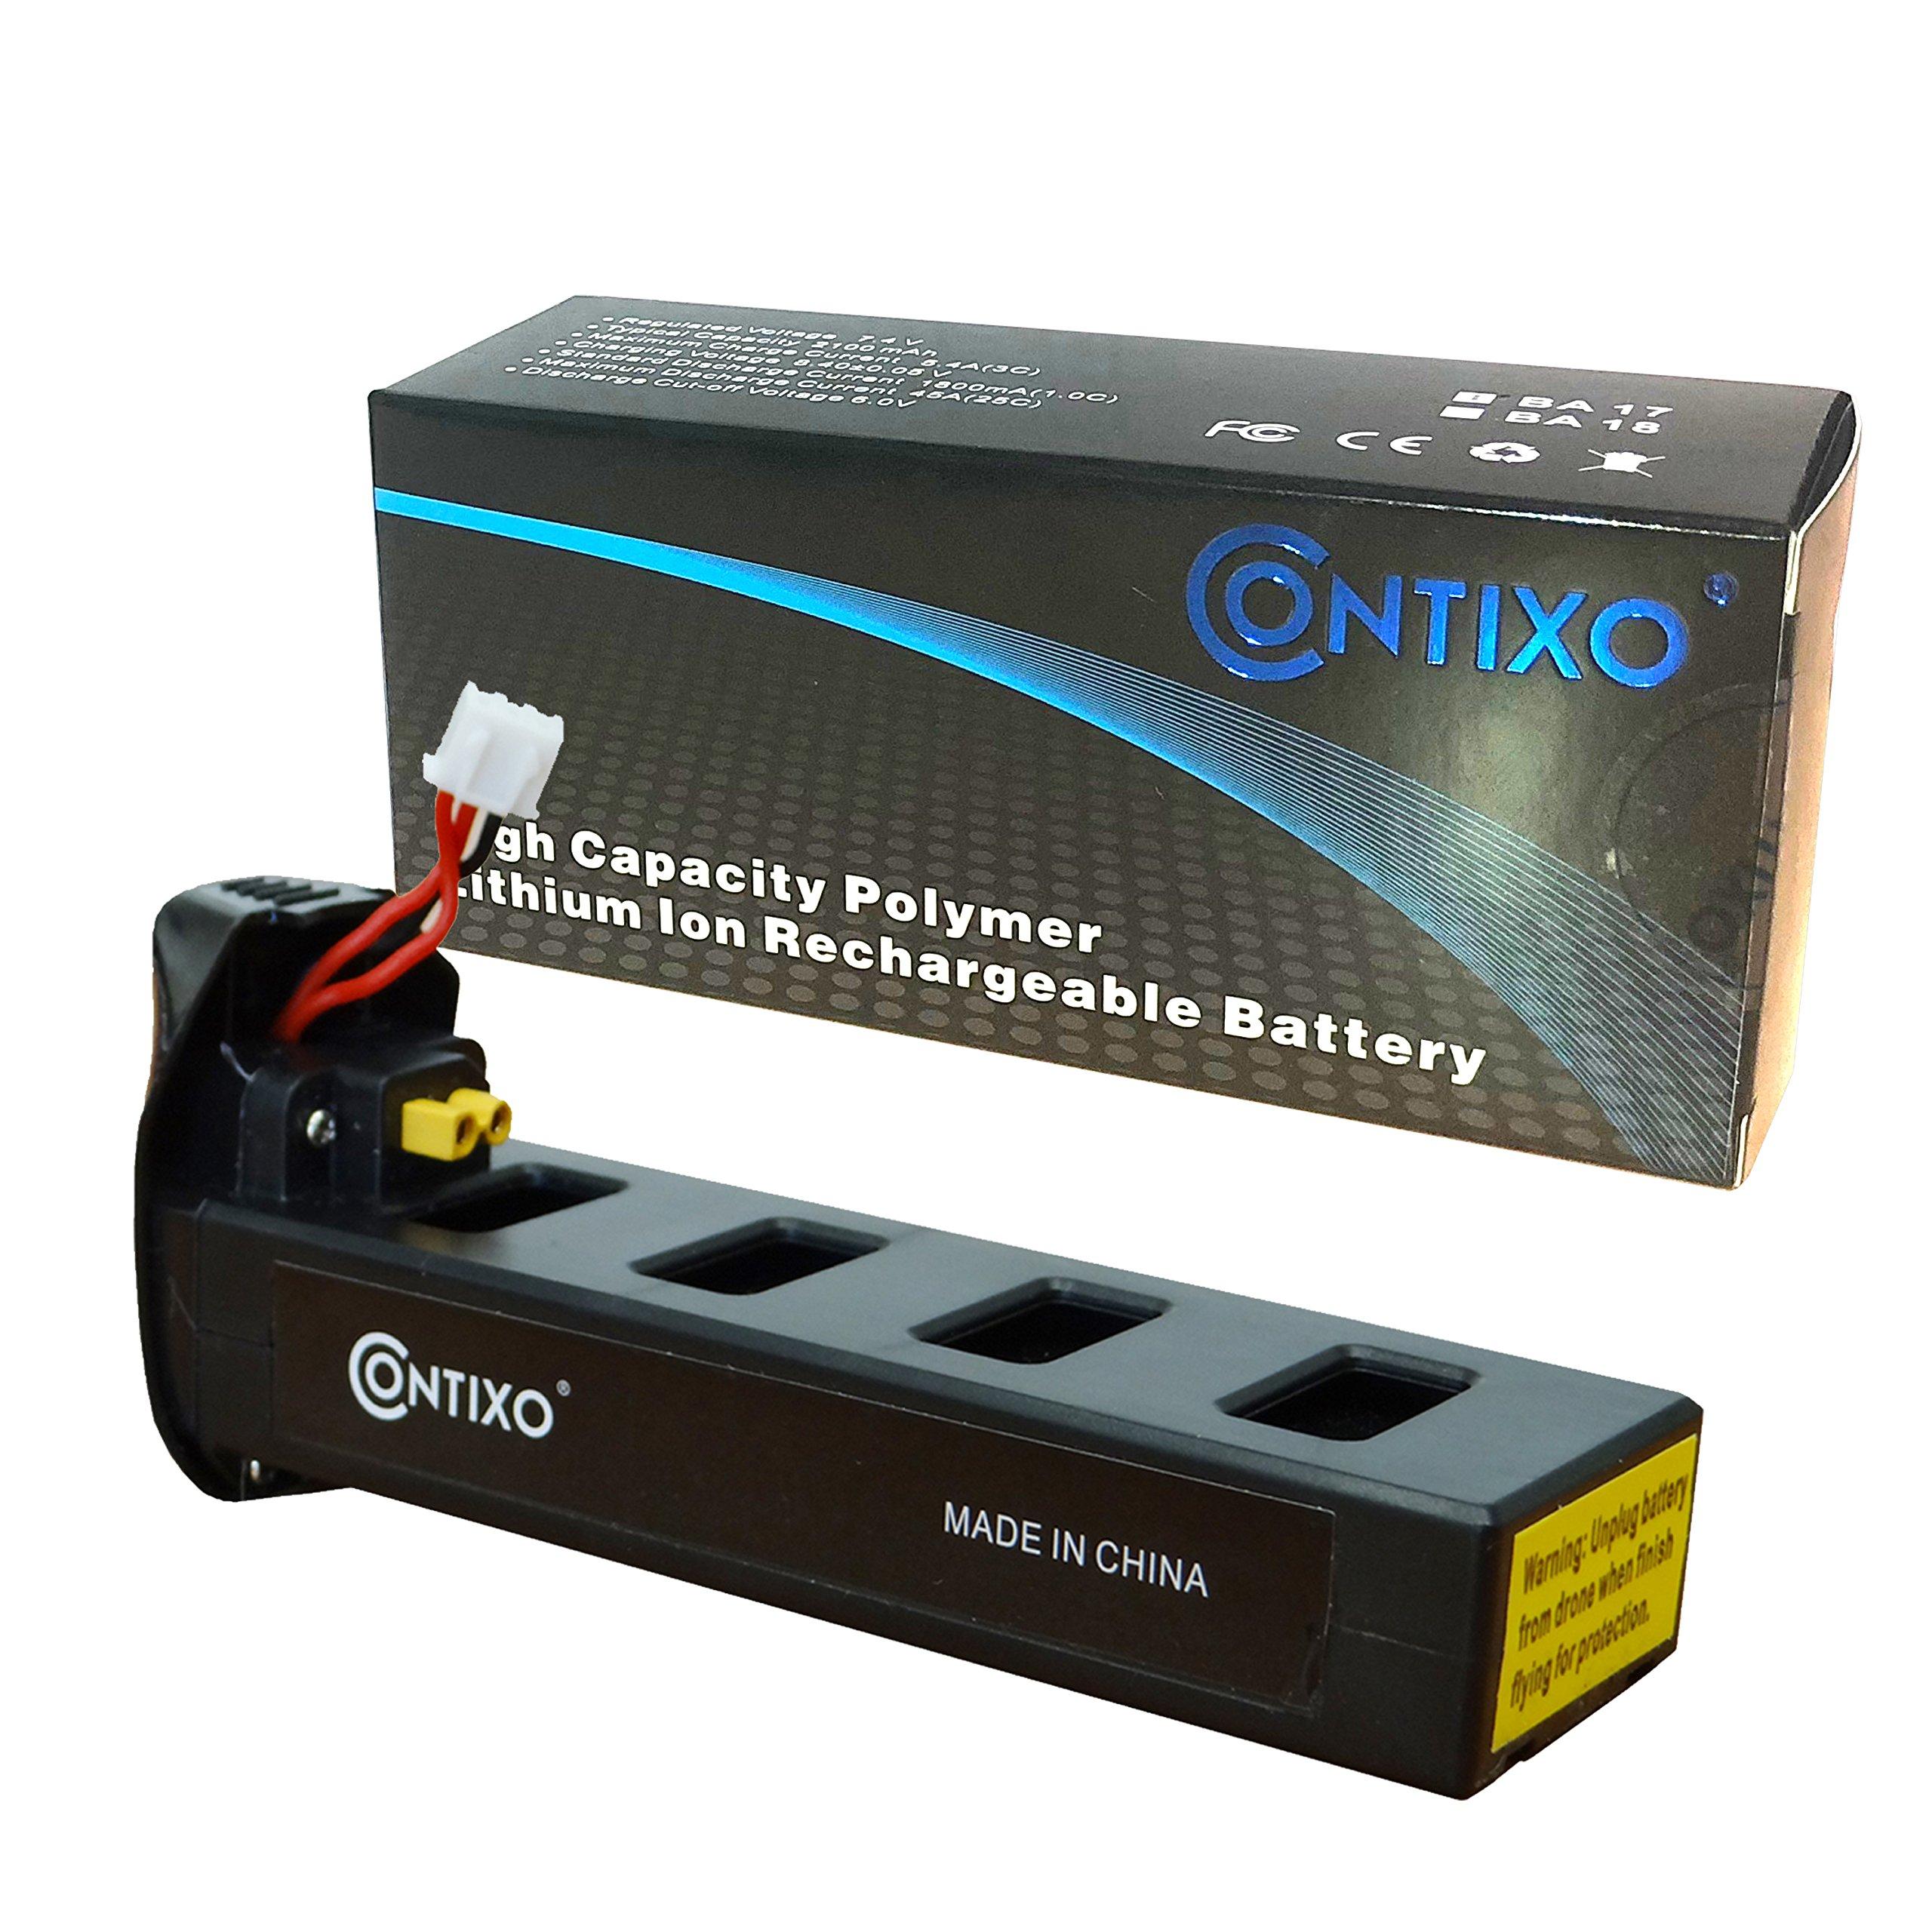 Genuine Contixo Rechargeable LiPo Battery - 7.4V 1800mAh LiPo Battery for Contixo F18 Quadcopter Drone (1-Pack)